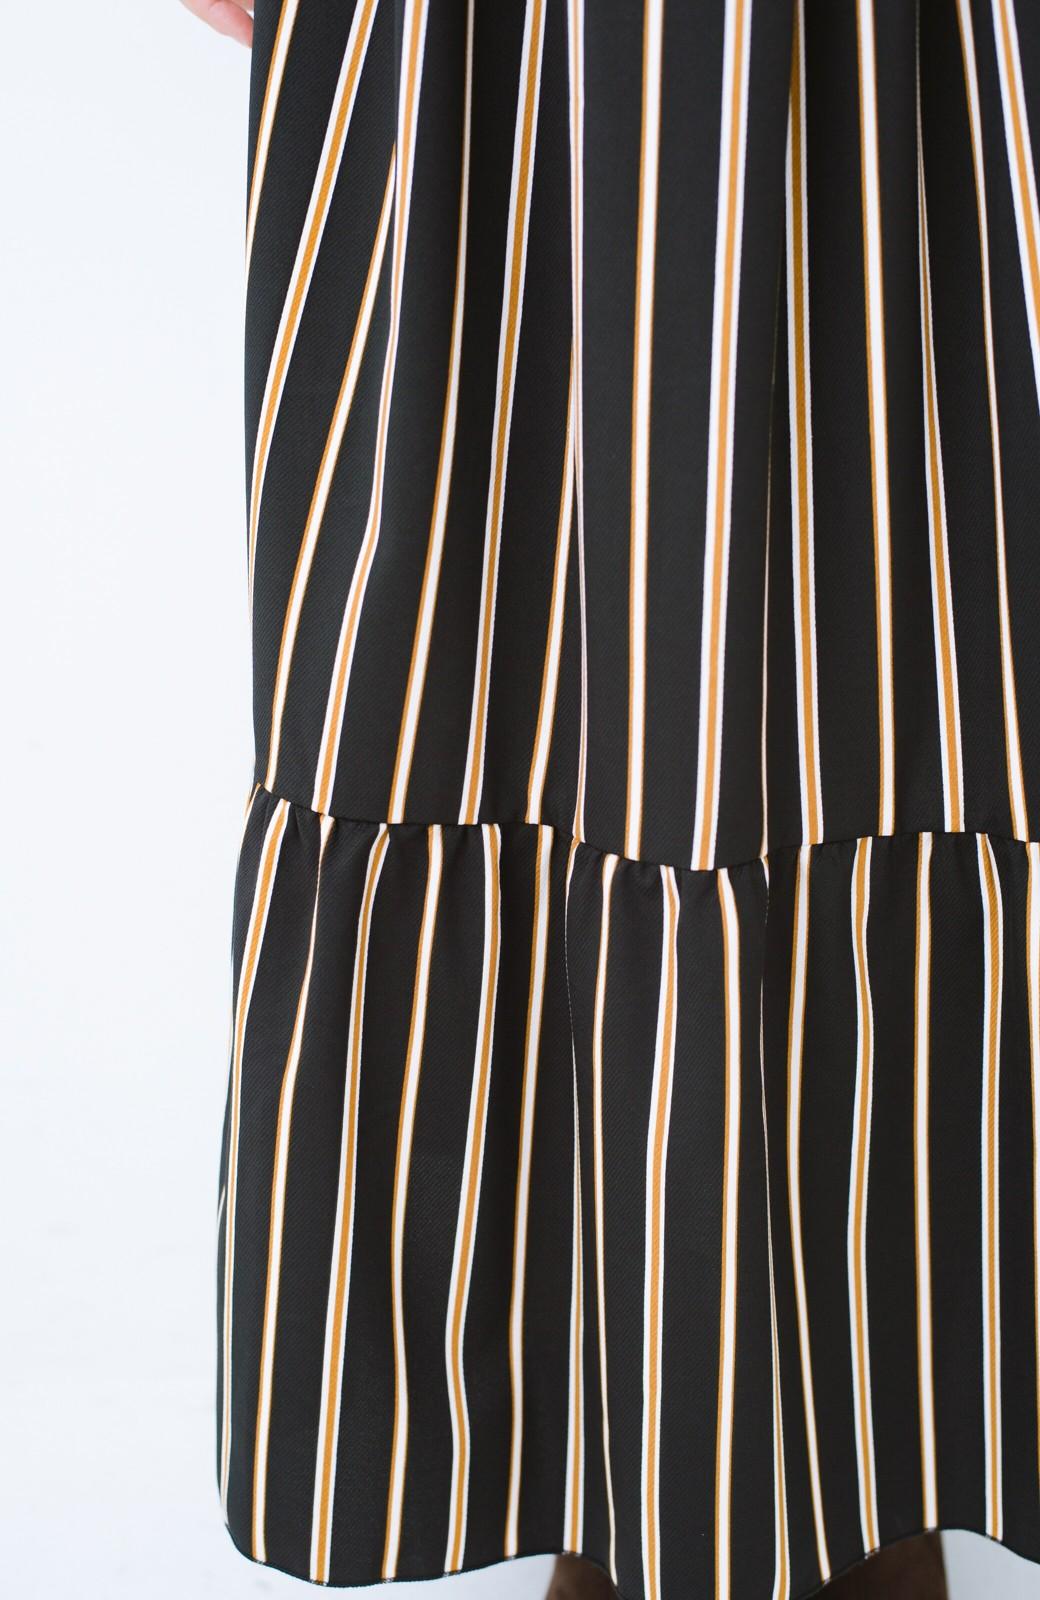 haco! 着るだけでテンション上げられる レジメンタルストライプのハイネックワンピース <ブラック>の商品写真6